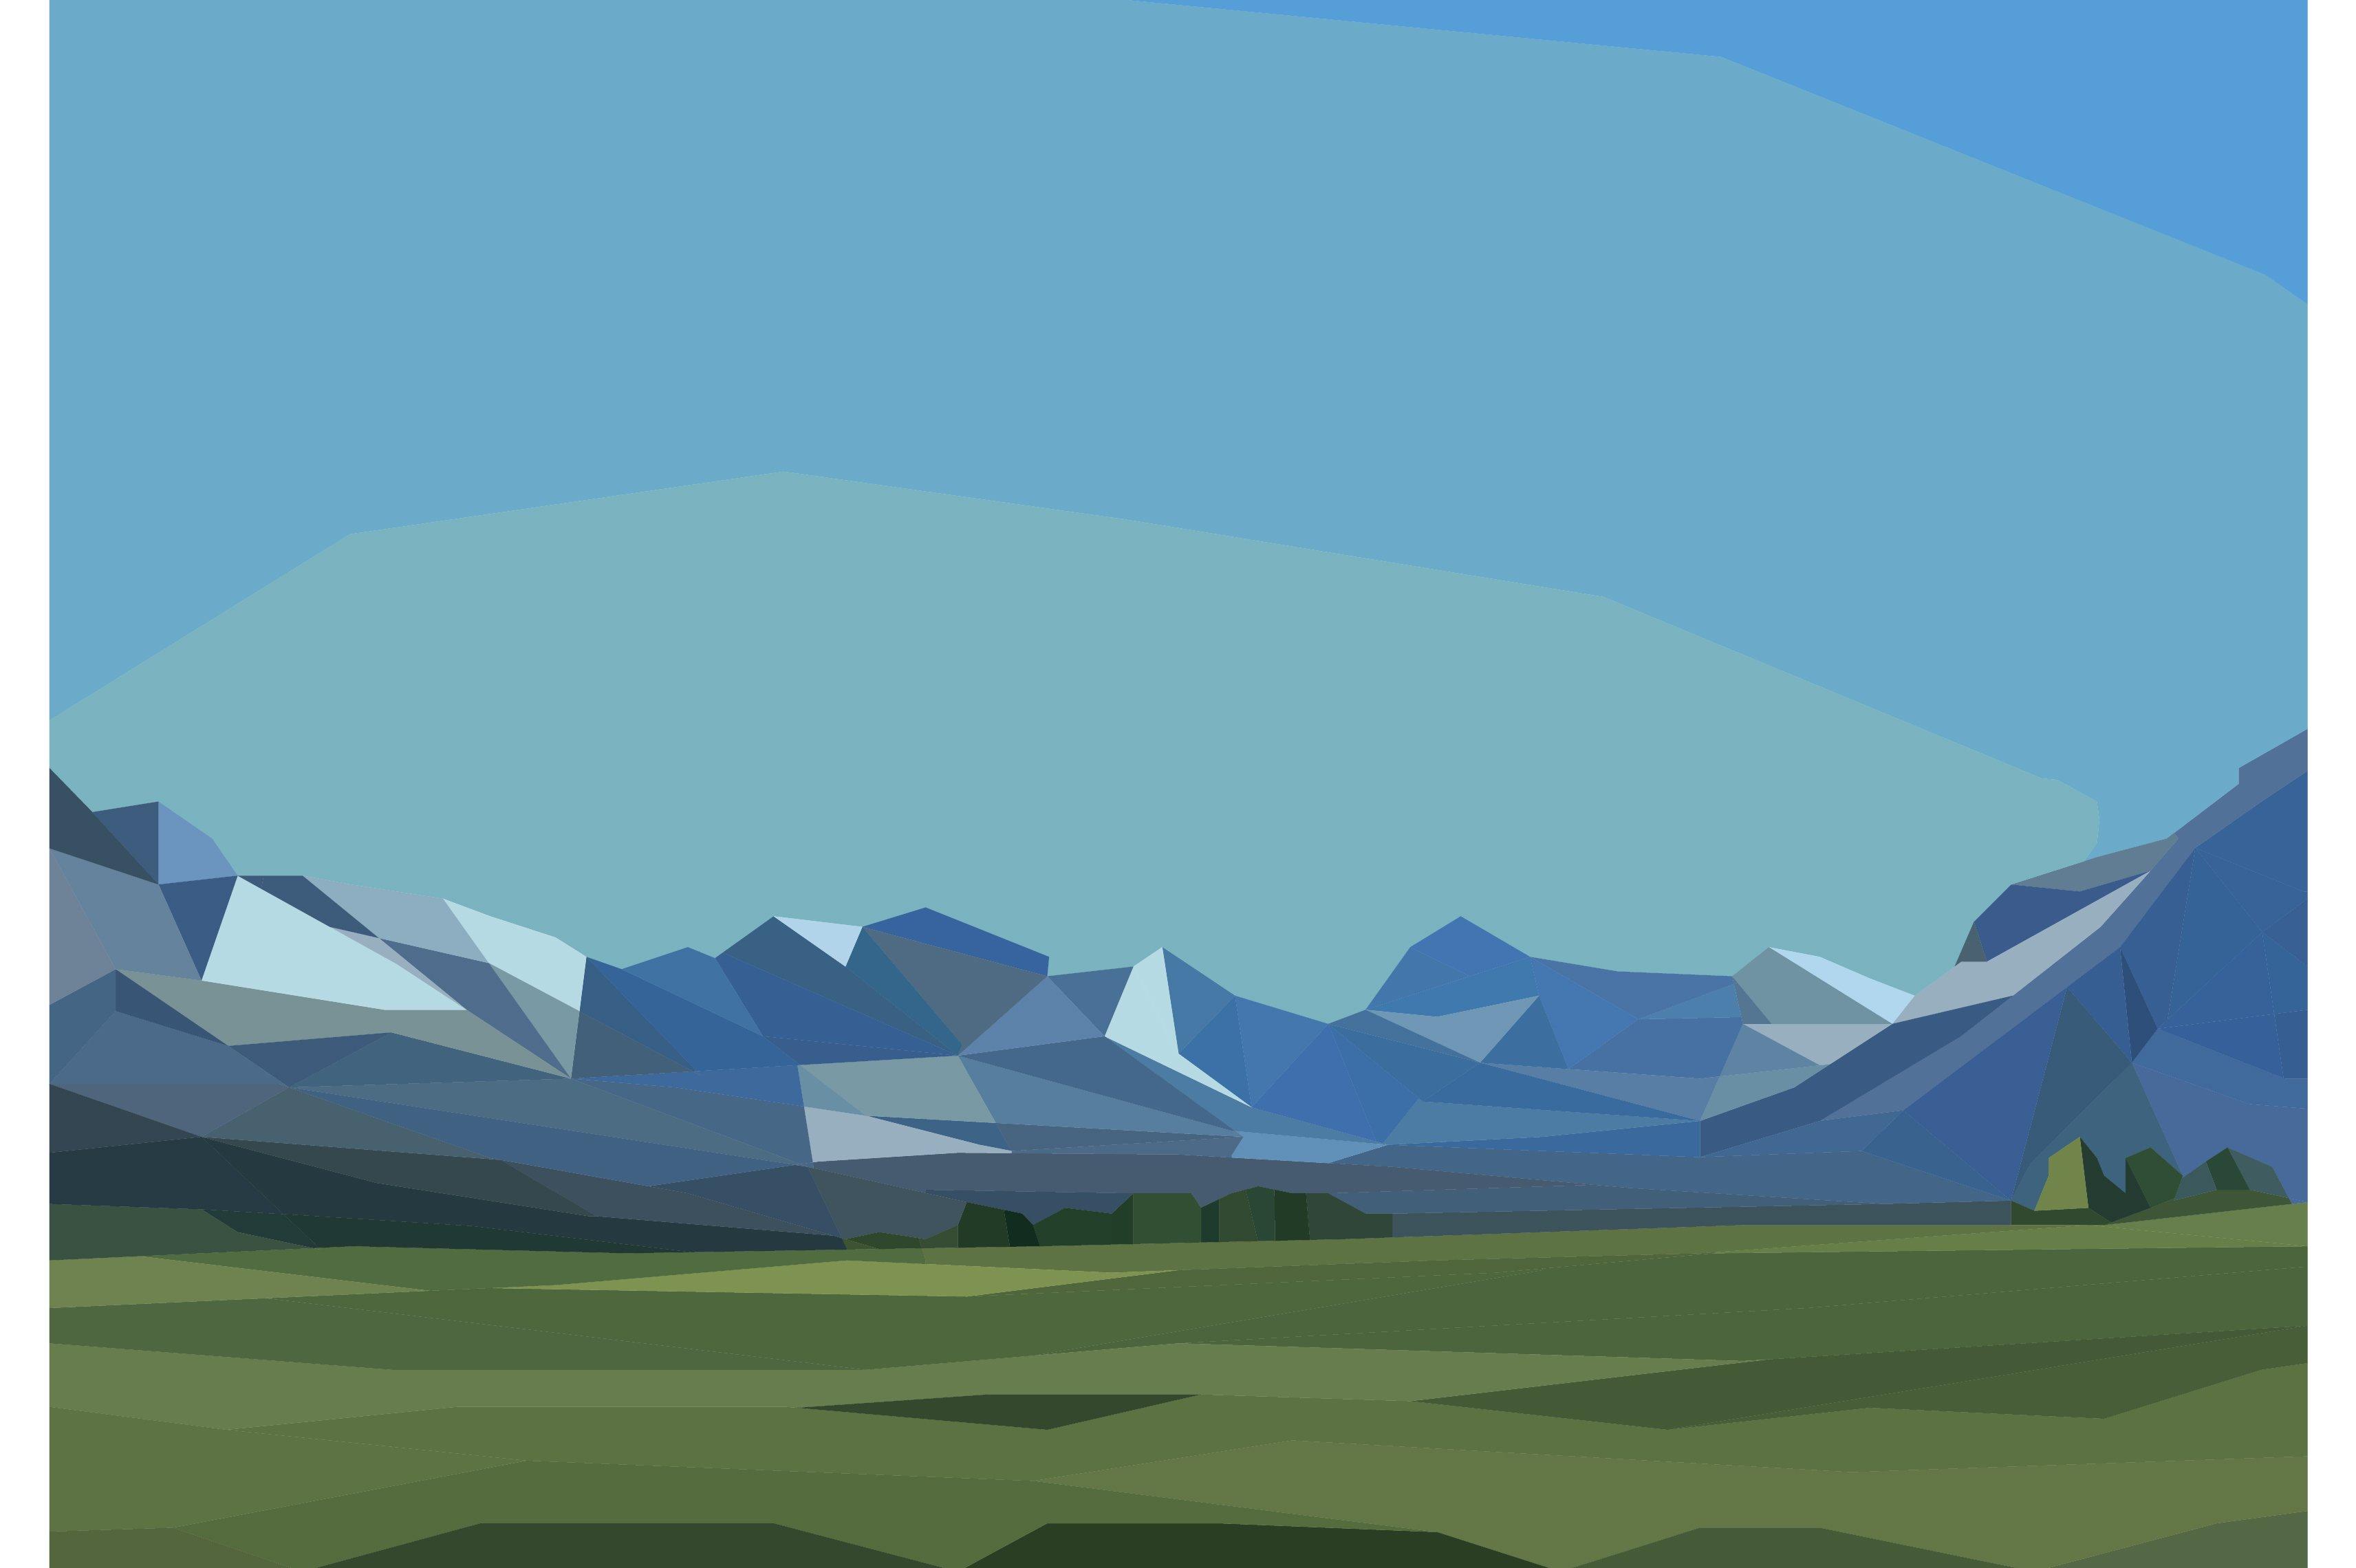 Landscape Illustration Vector Free: Vector Landscape